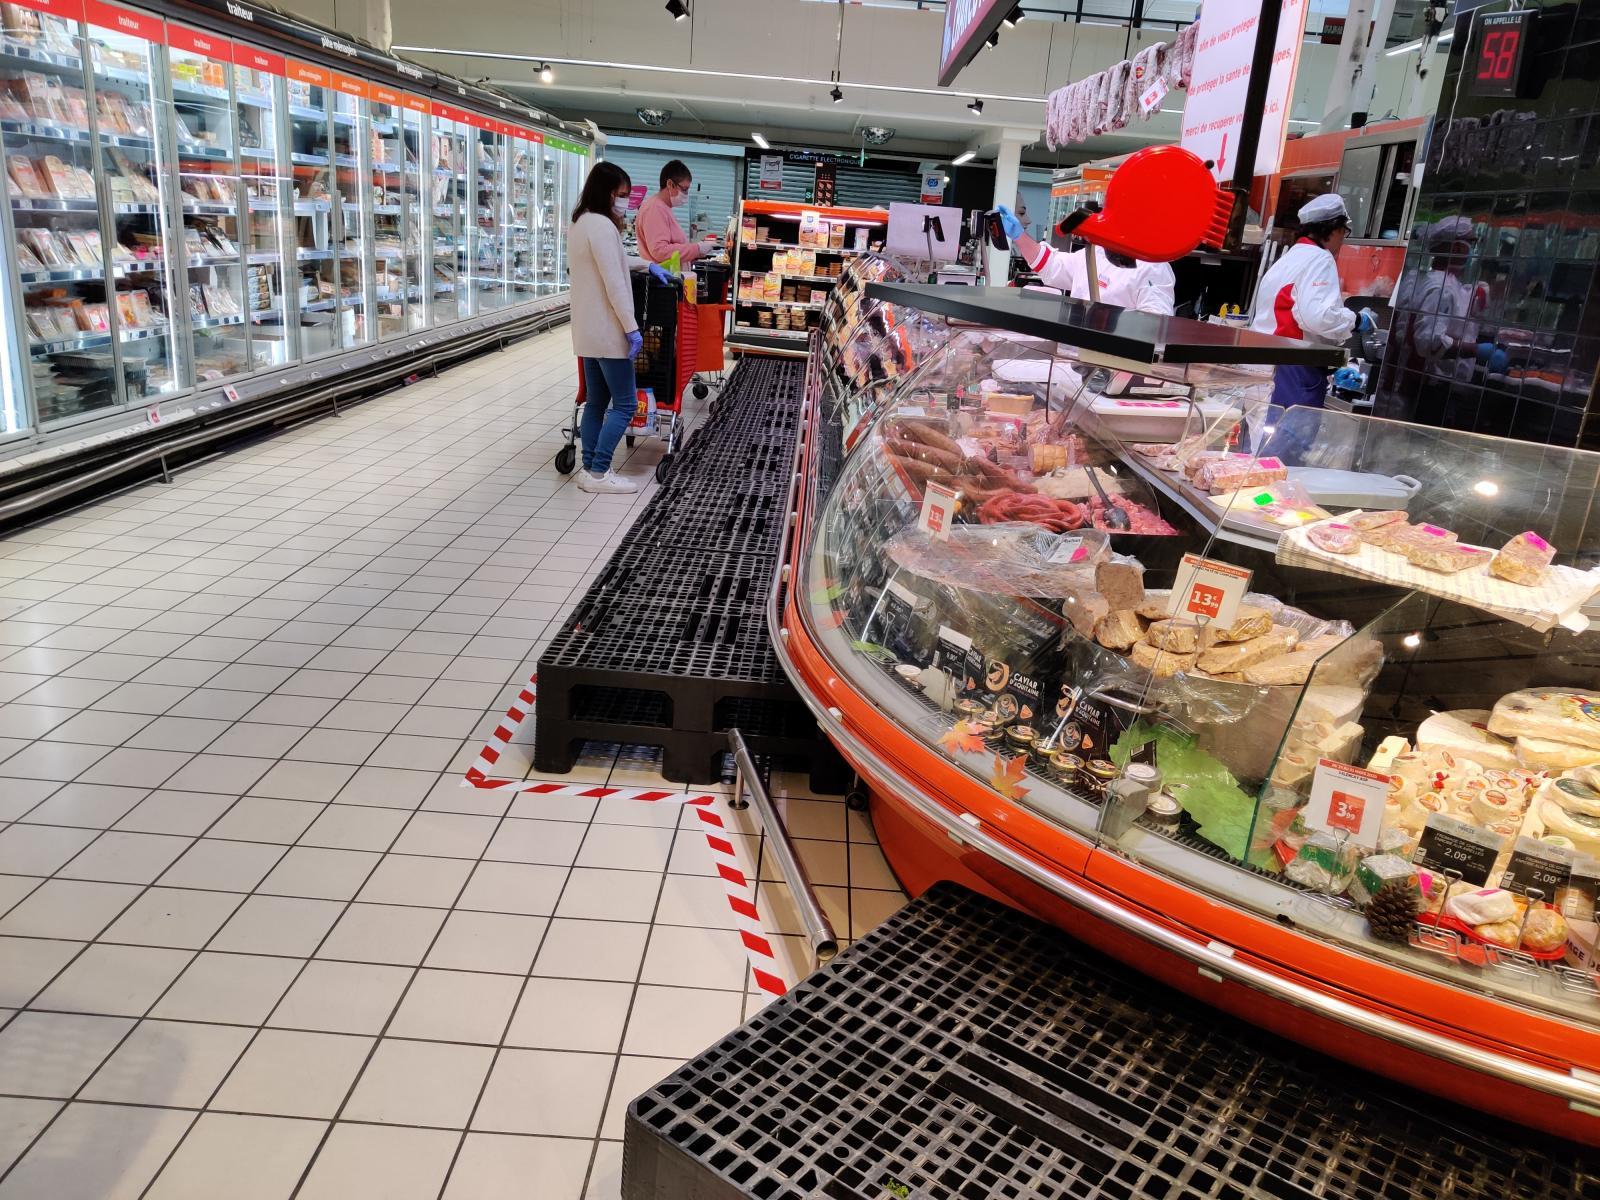 Det saknas inte läckerheter i de franska stormarknaderna och det tillåts inte bli någon trängsel framför diskarna.